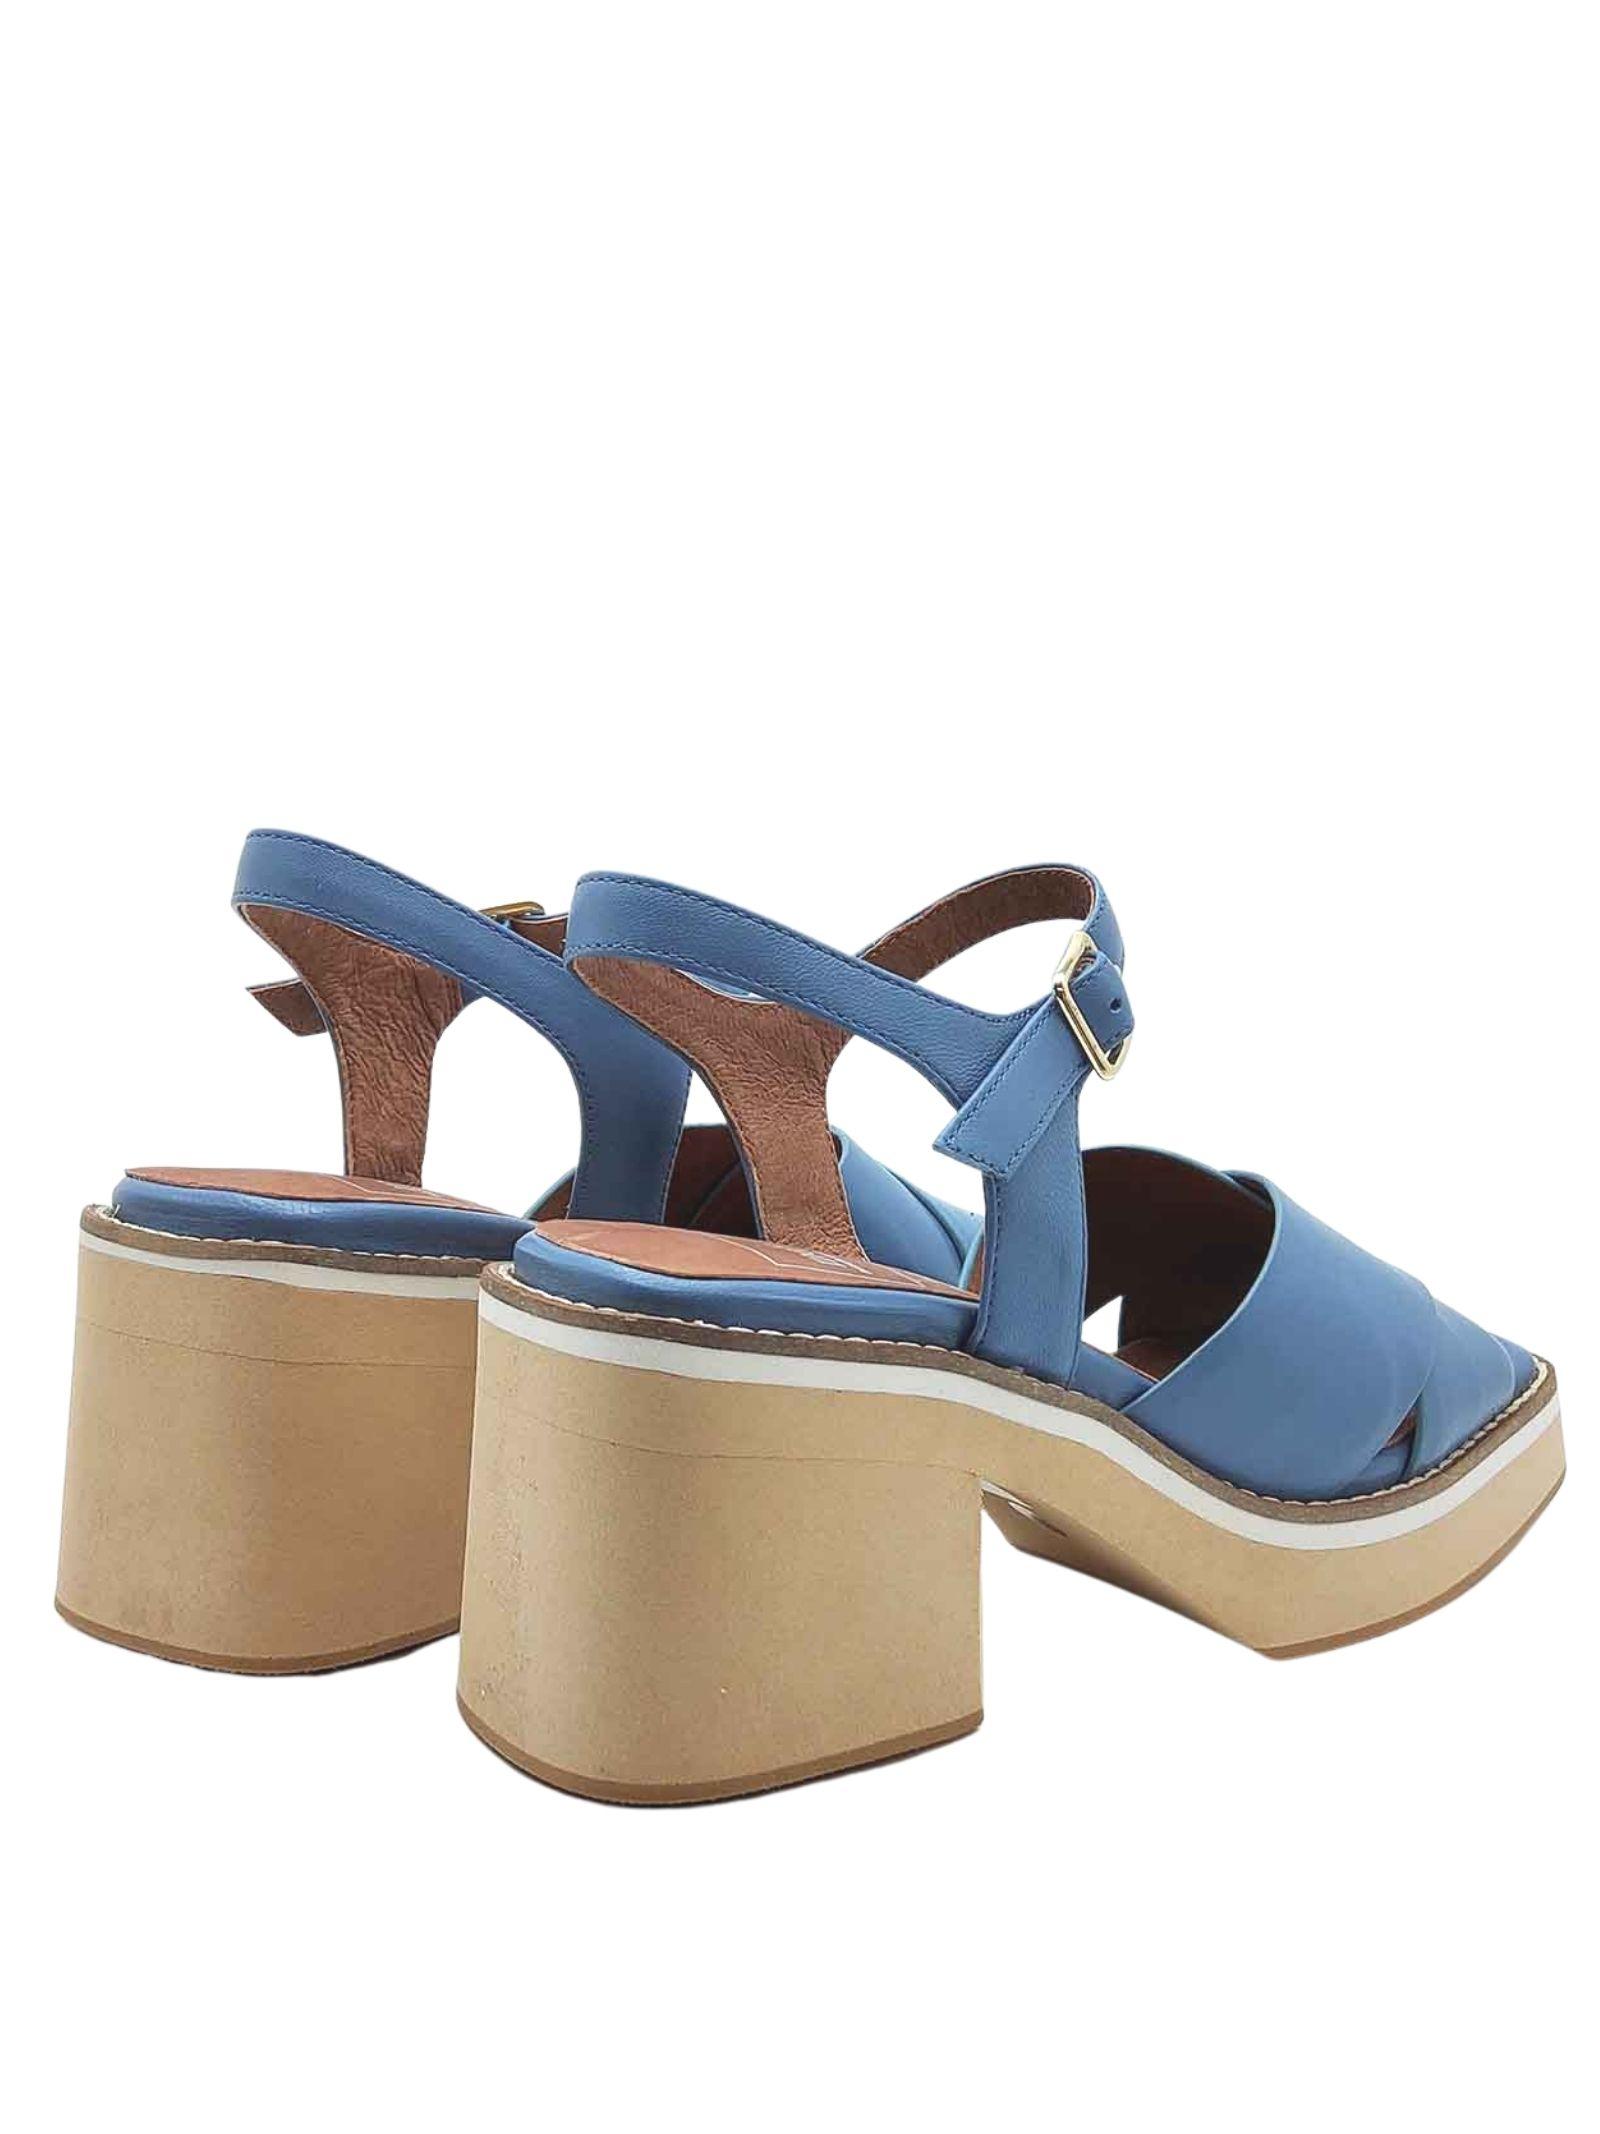 Calzature Donna Sandali in Pelle Blu con Incrocio e Cinturino alla Caviglia su Zeppa Alta Manufacture D'Essai | Sandali Zeppa | 46026